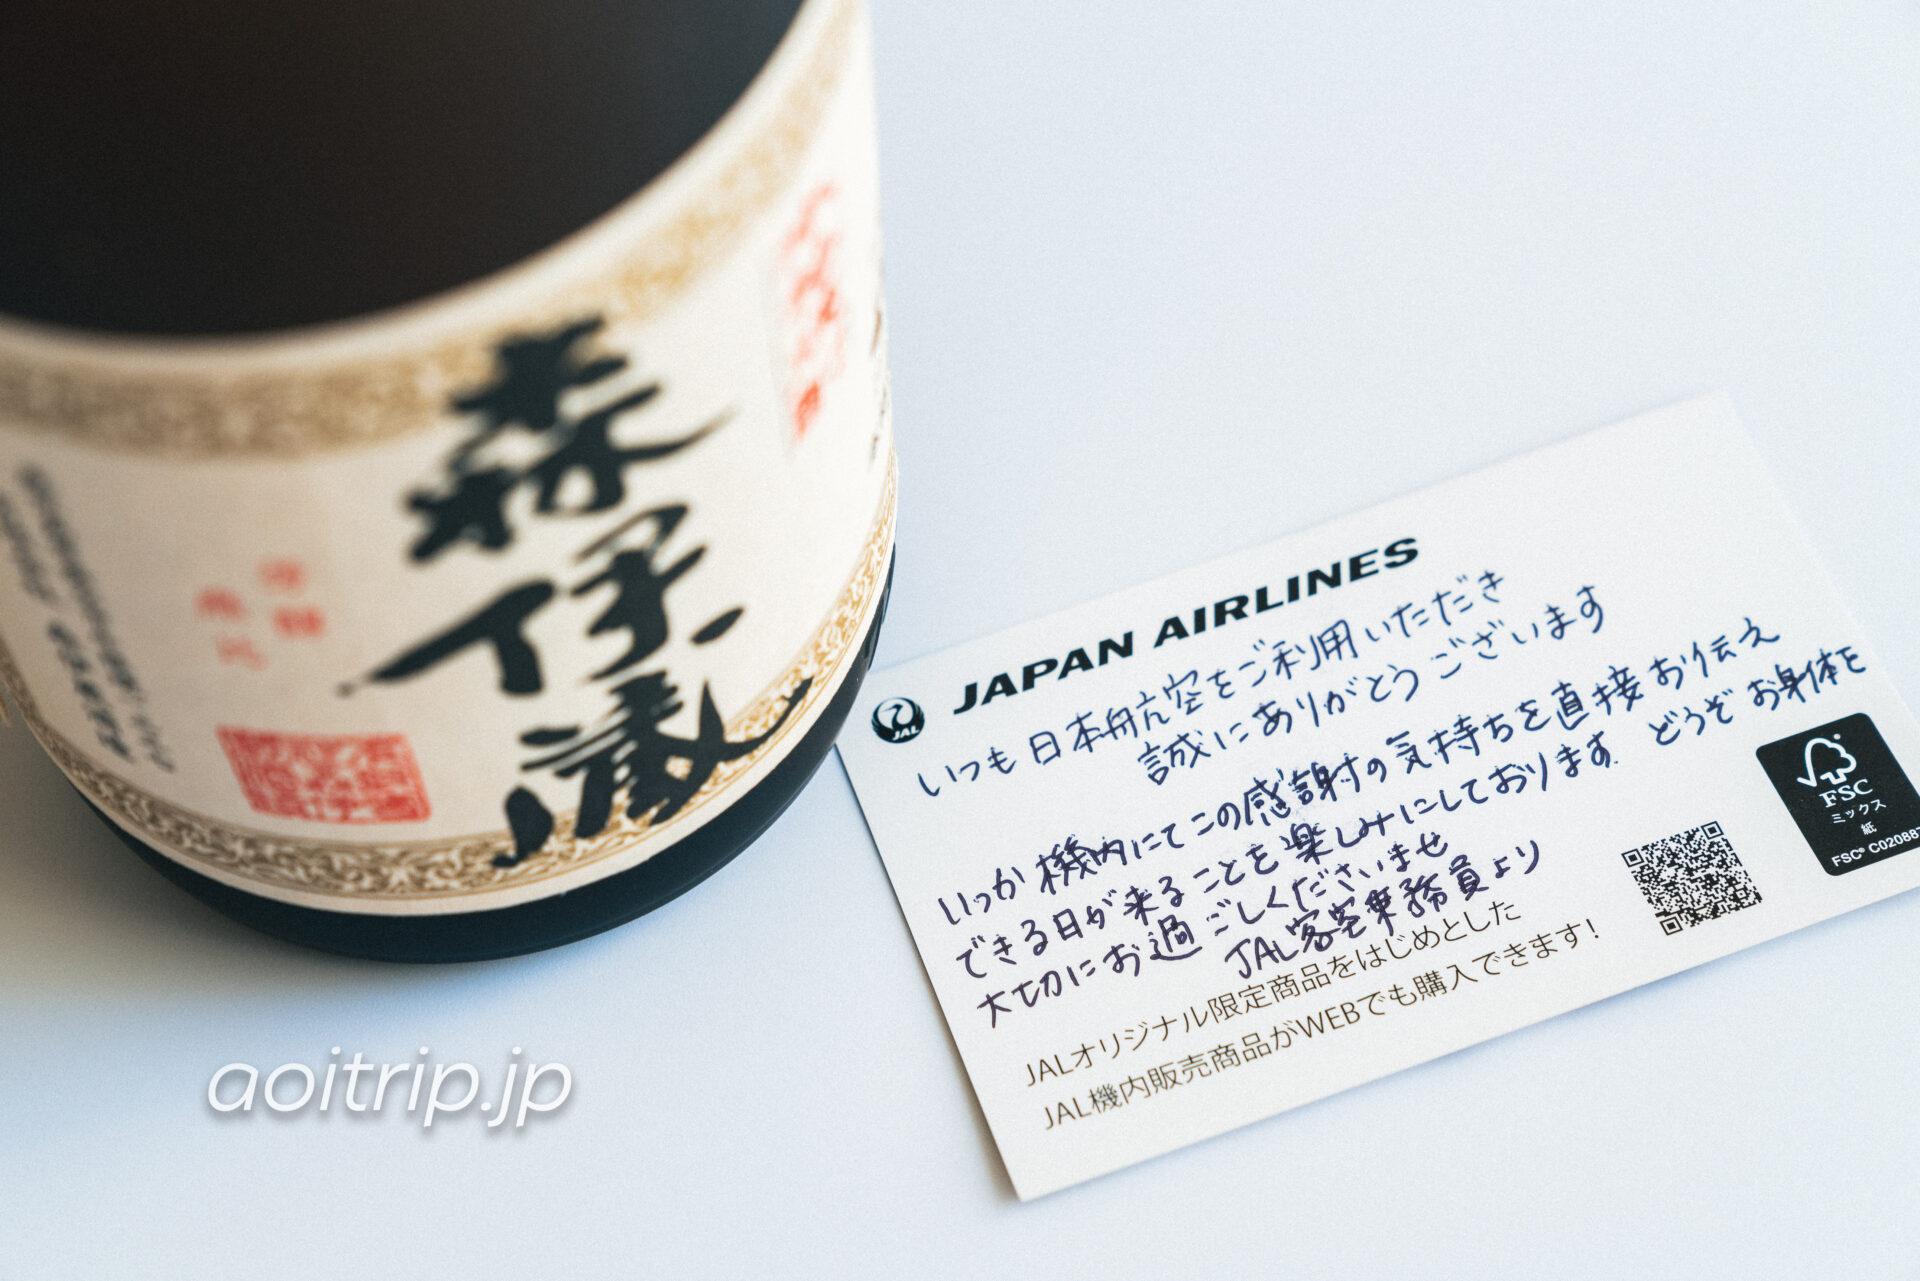 JAL CLASS EXPLORER JALマイル6,000マイルで森伊蔵720mlに交換